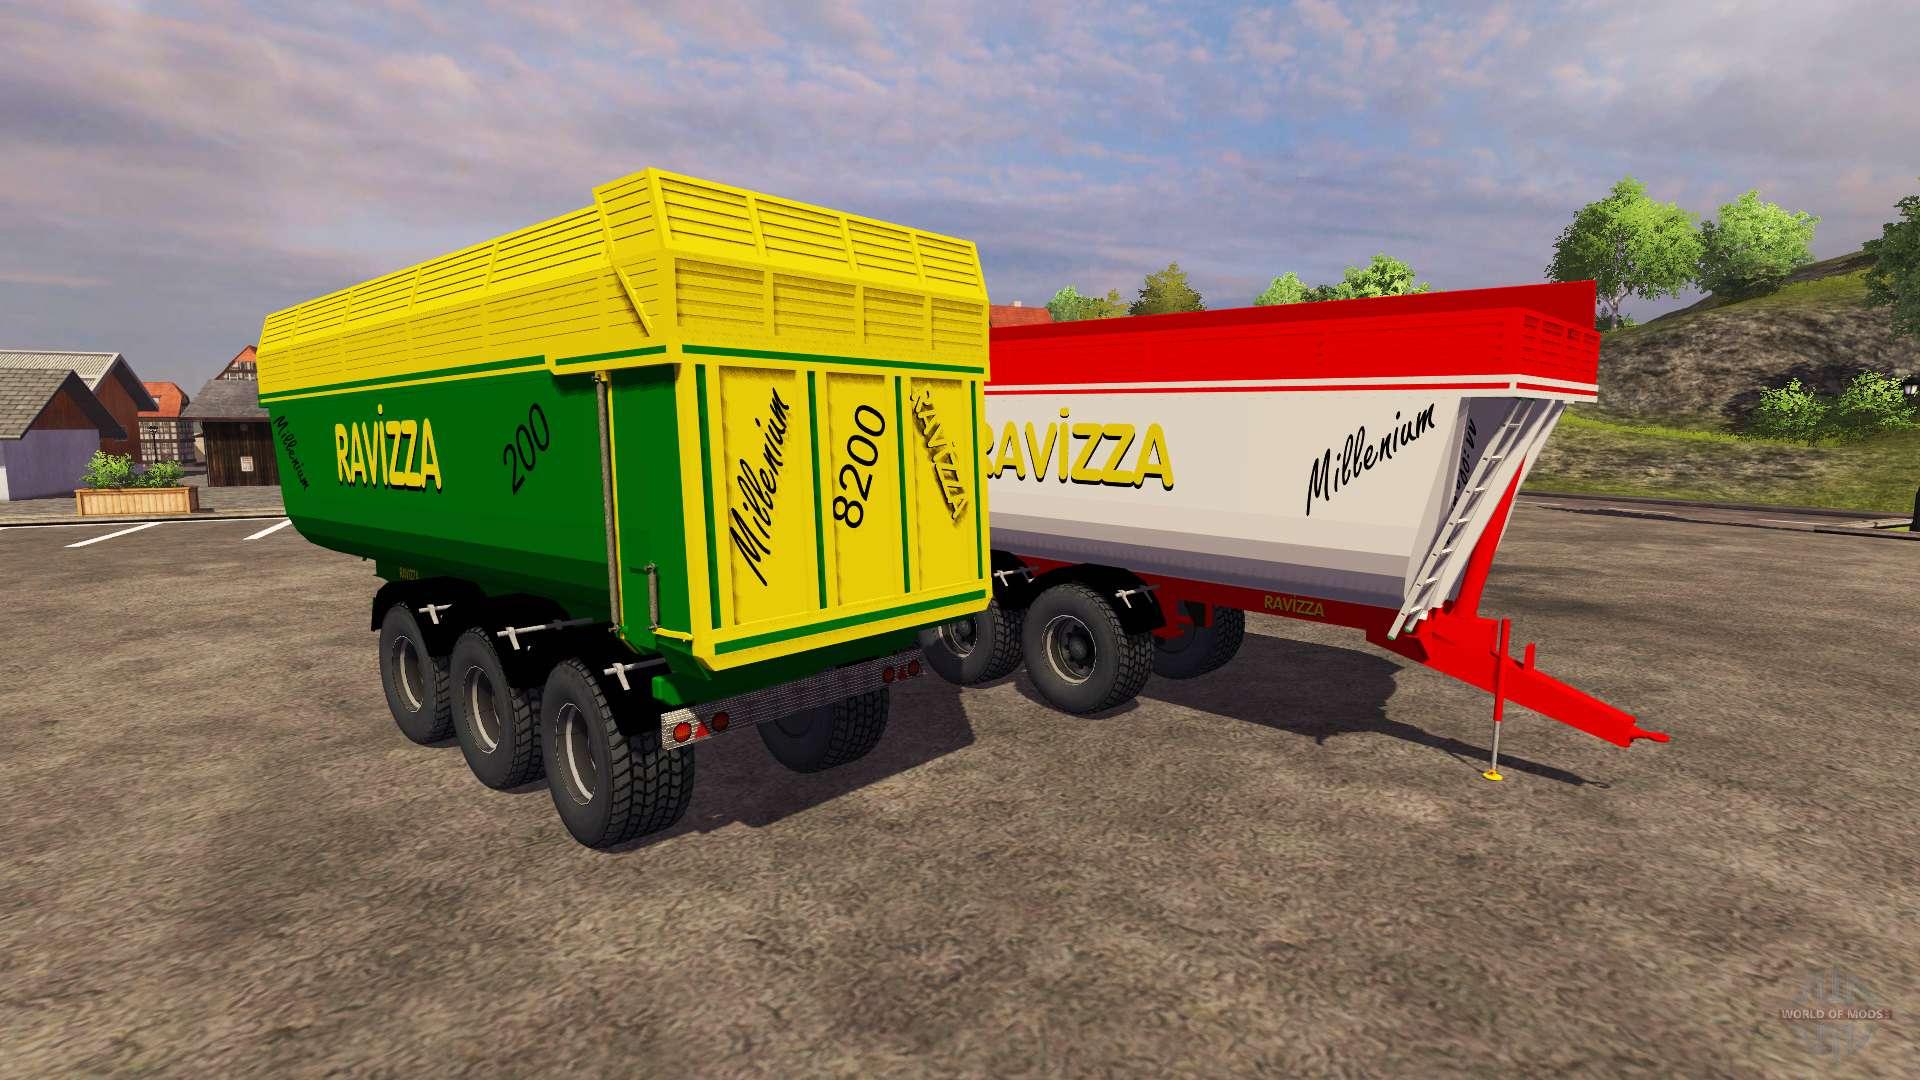 Trailers ravizza millenium 8200 for farming simulator 2013 for Ravizza rimorchi